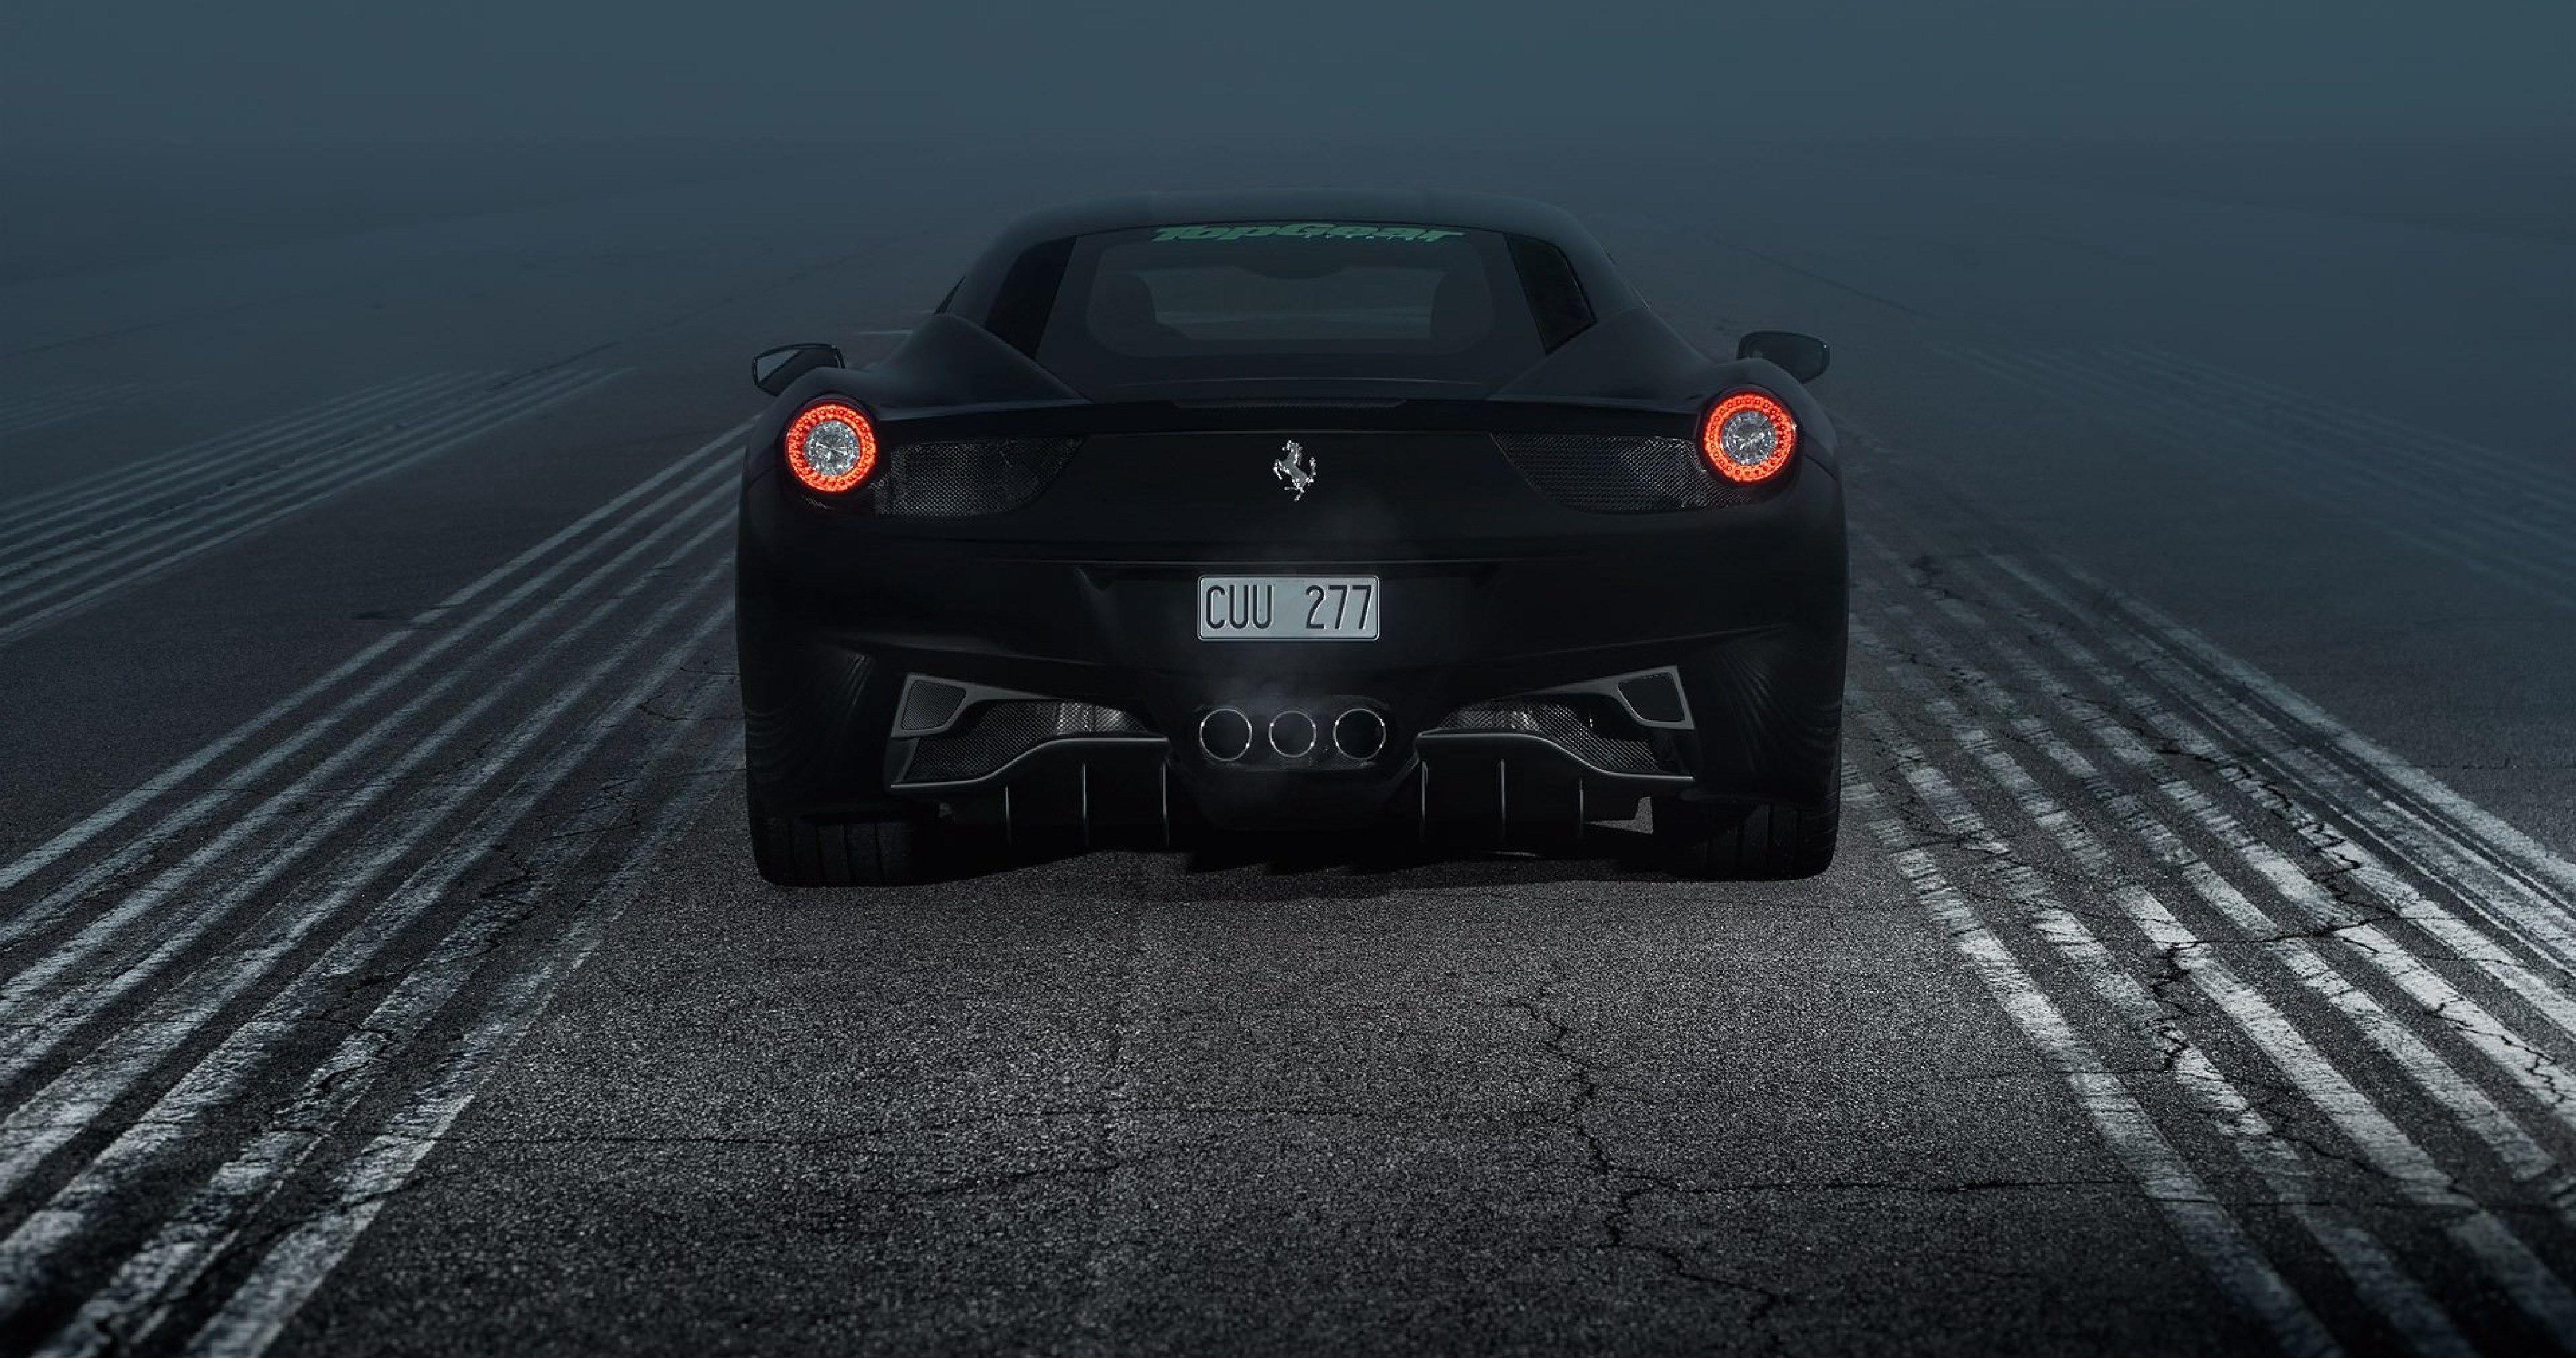 Ferrari 458 Wallpaper 4k Ultra Hd